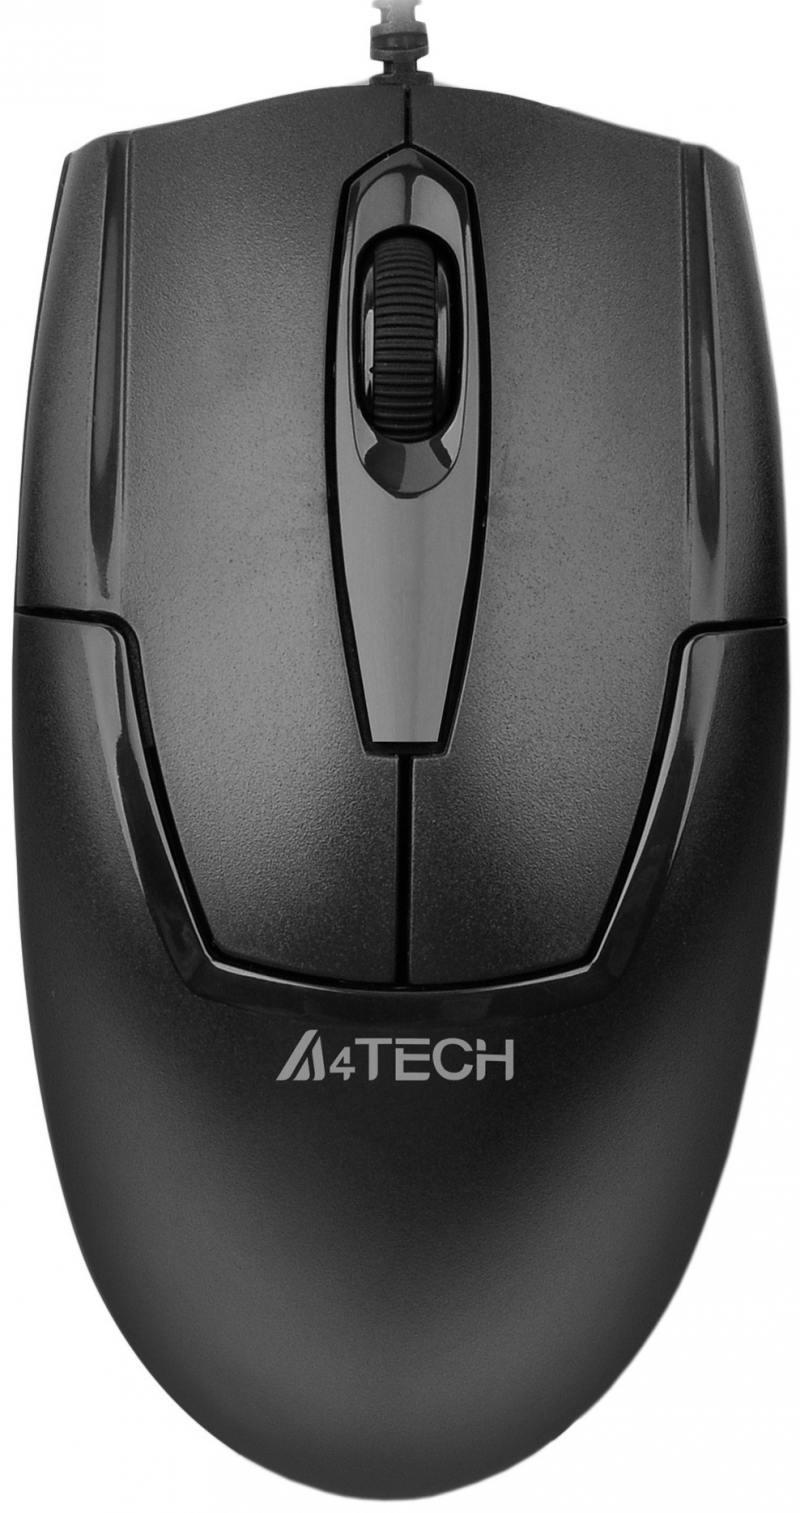 Мышь проводная A4TECH OP-540NU V-Track Padless чёрный USB мышь a4tech op 540nu